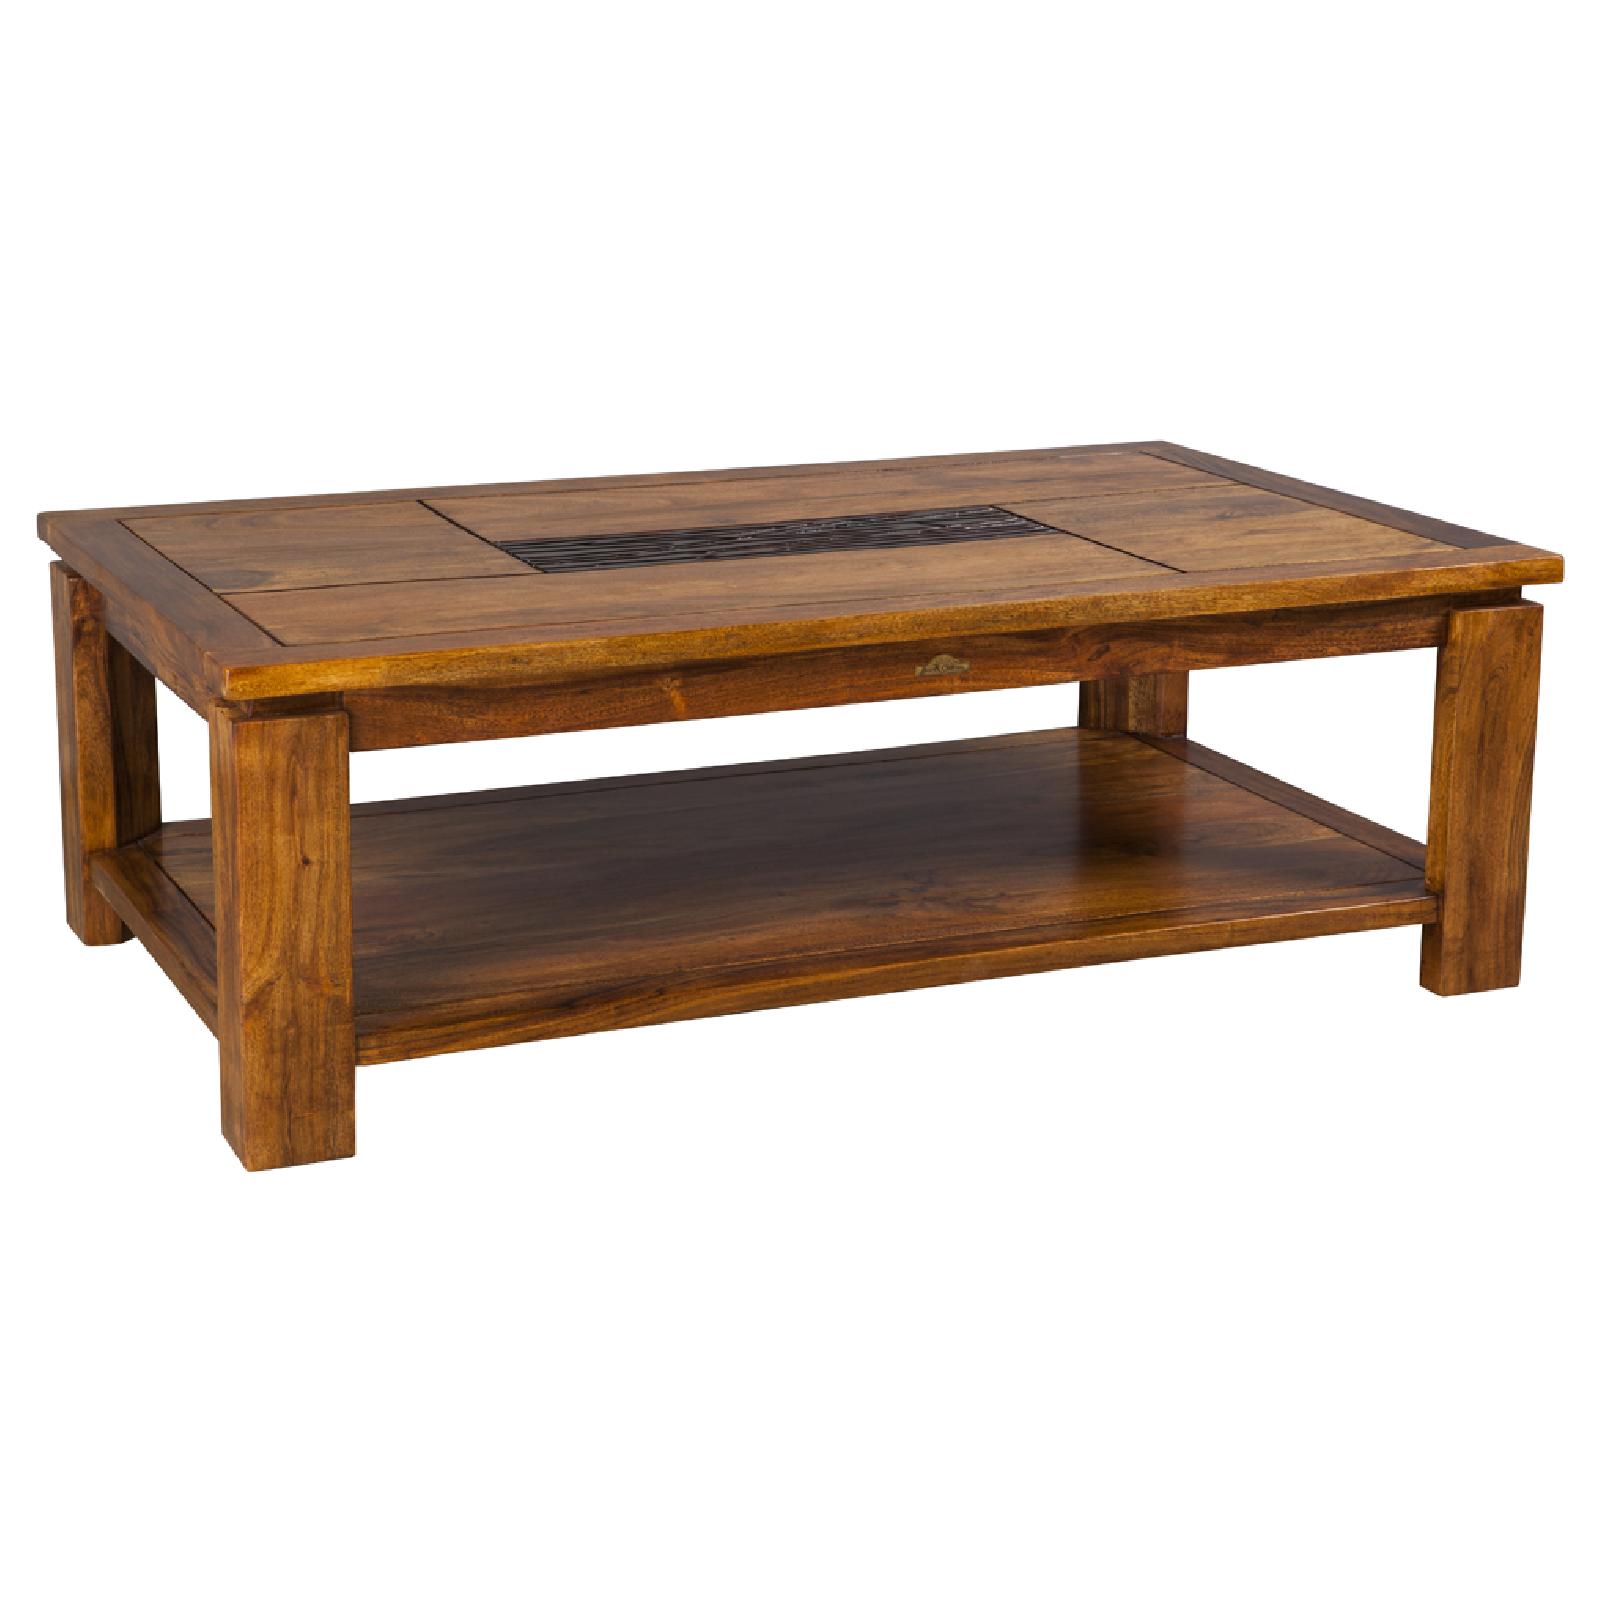 Table basse rectangulaire Yaffo haut de gamme en bois d'acacia massif